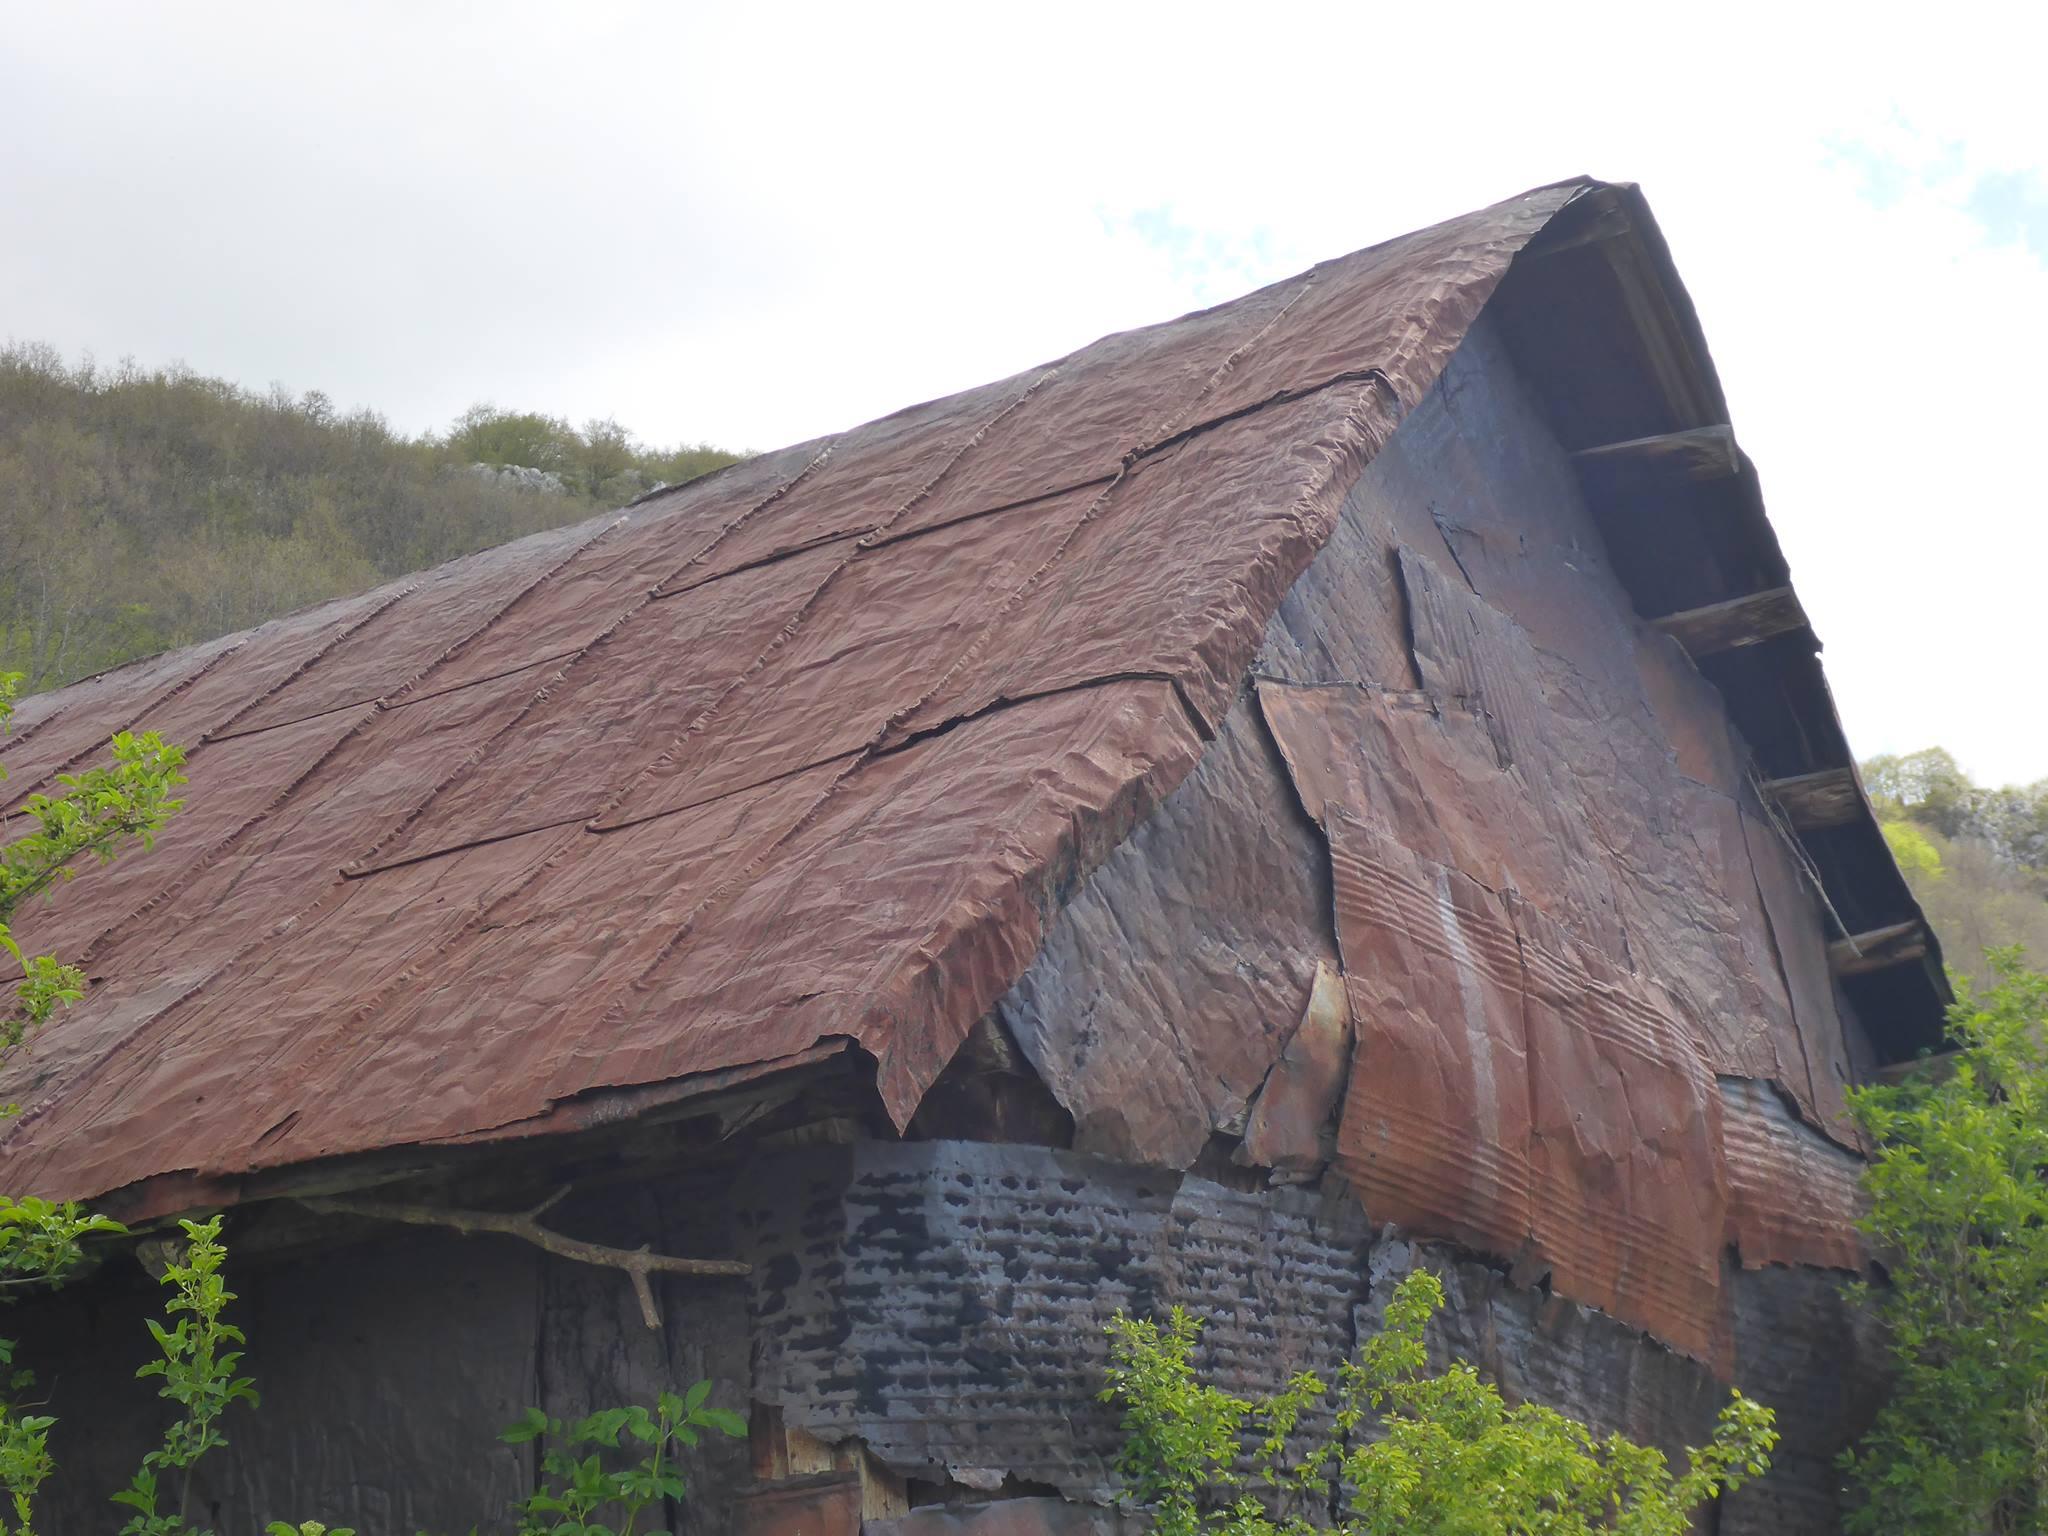 La méthode bosnienne de recouvrement de certaines maisons : Des bidons d'acier de 200 litres écrasés et fixés sur les parois et toits. Un style très particulier !